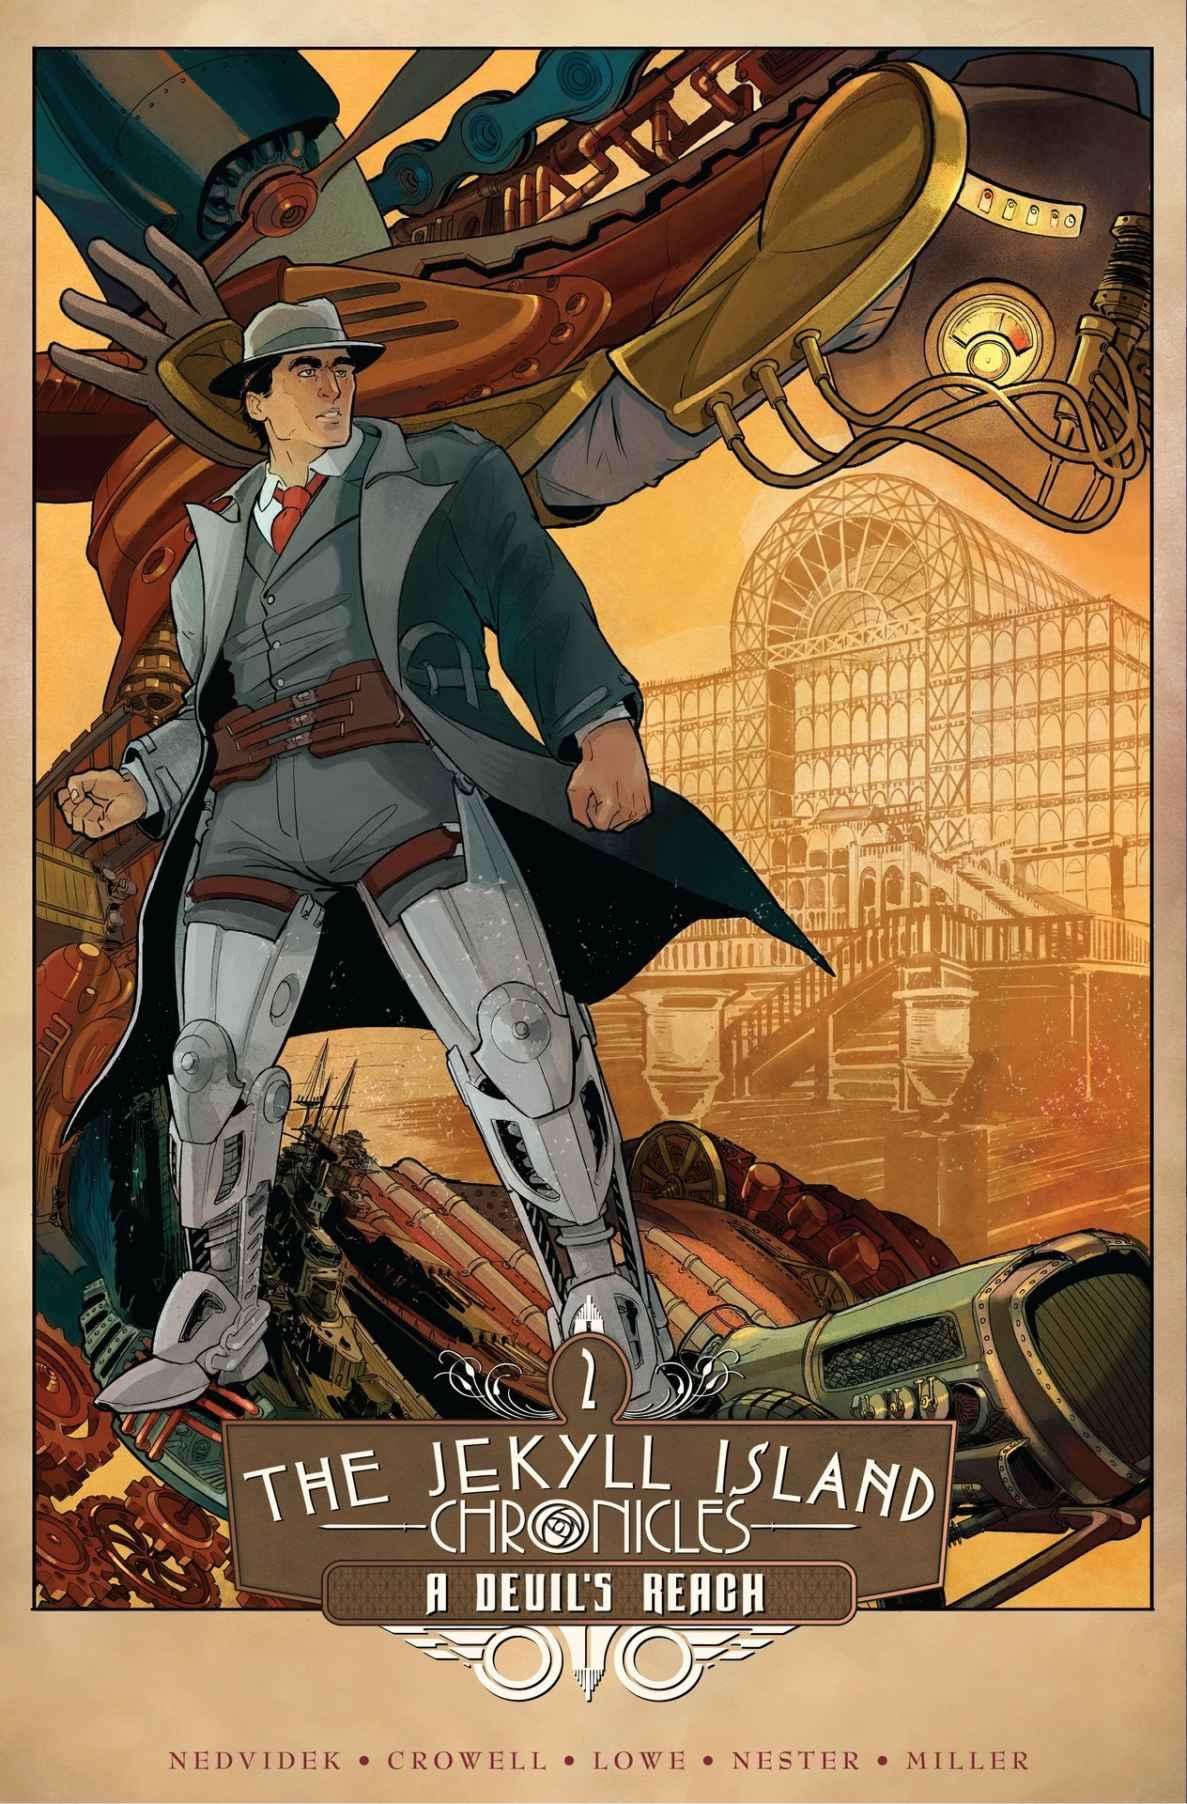 Jekyll Island:Devil's Reach book cover